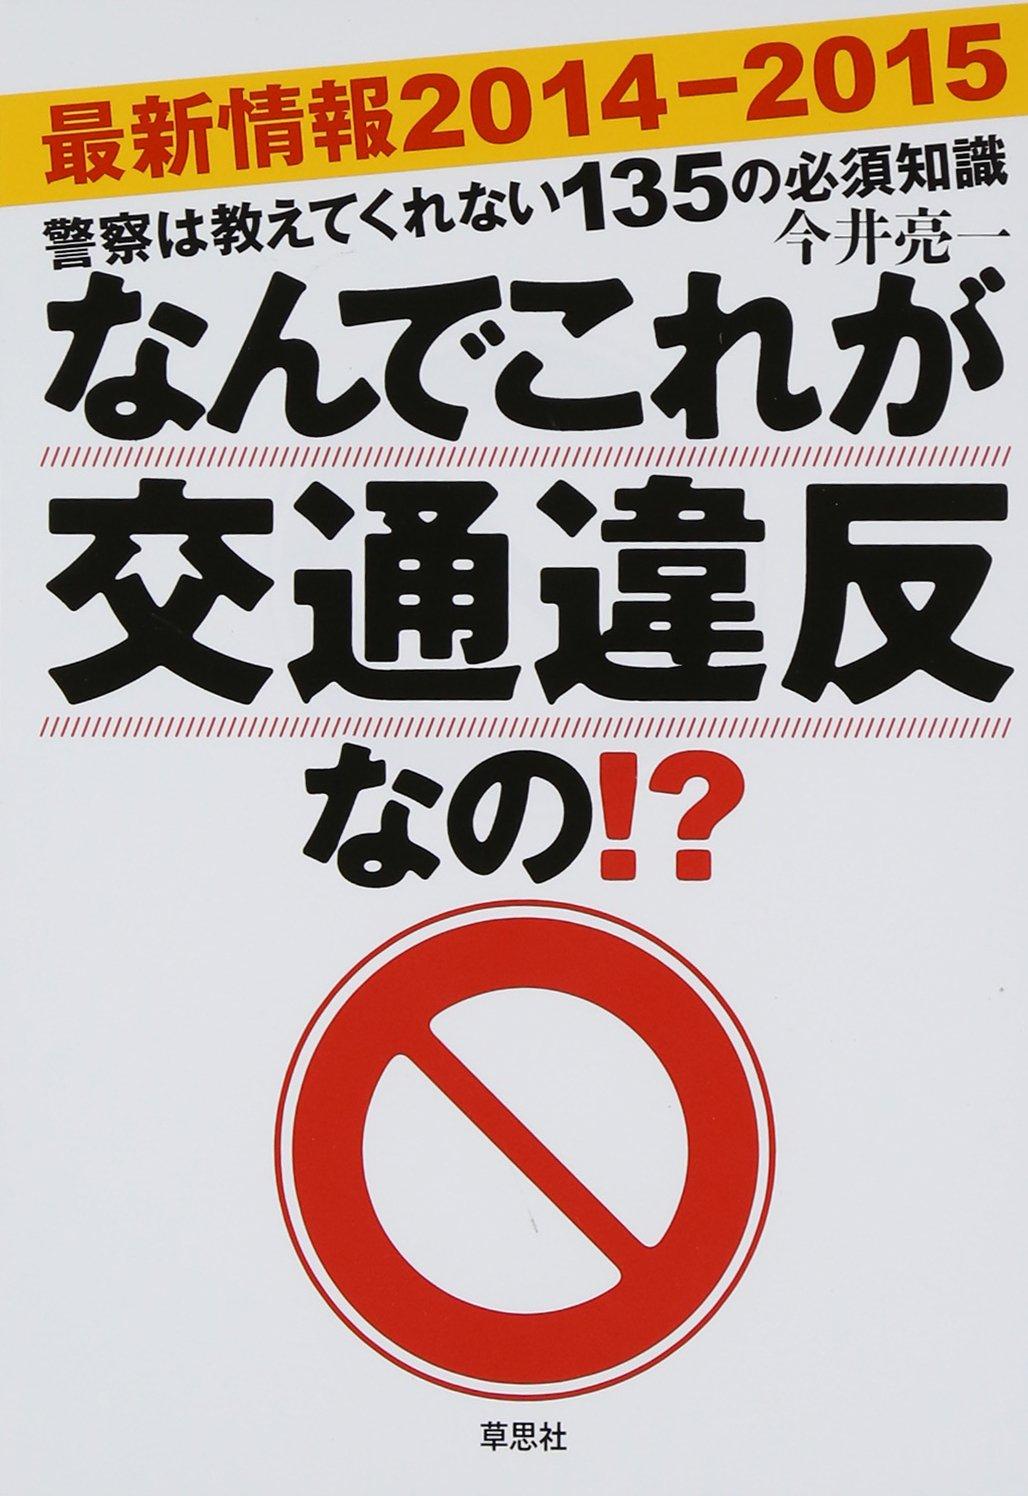 Nande kore ga kotsu ihan nano : Keisatsu wa oshiete kurenai hyakusanjugo no hissu chishiki. 2014. pdf